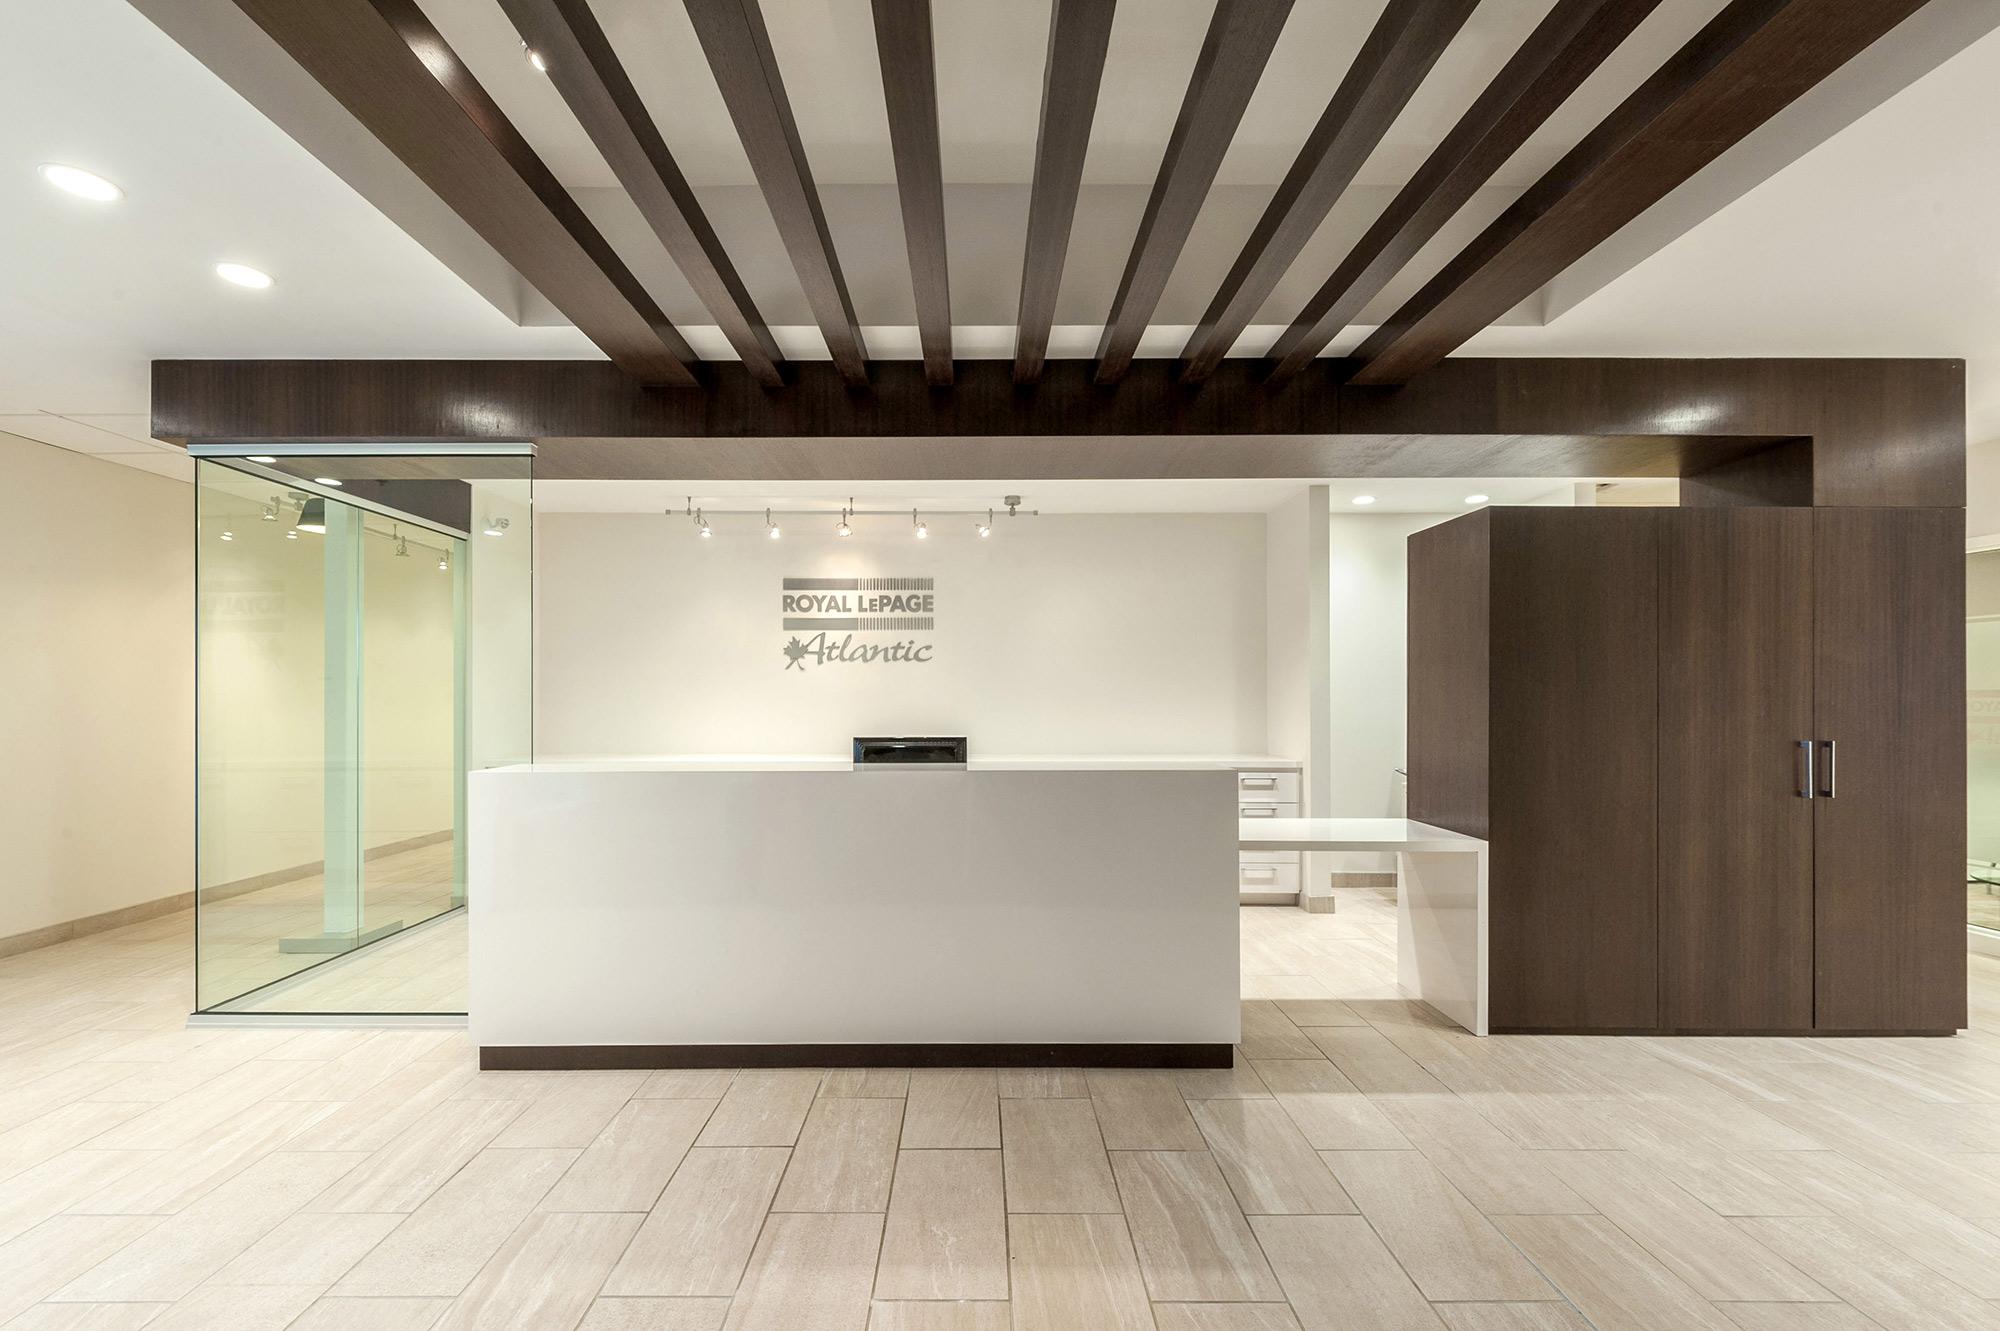 interior-design-real-estate-office-front-desk.jpg